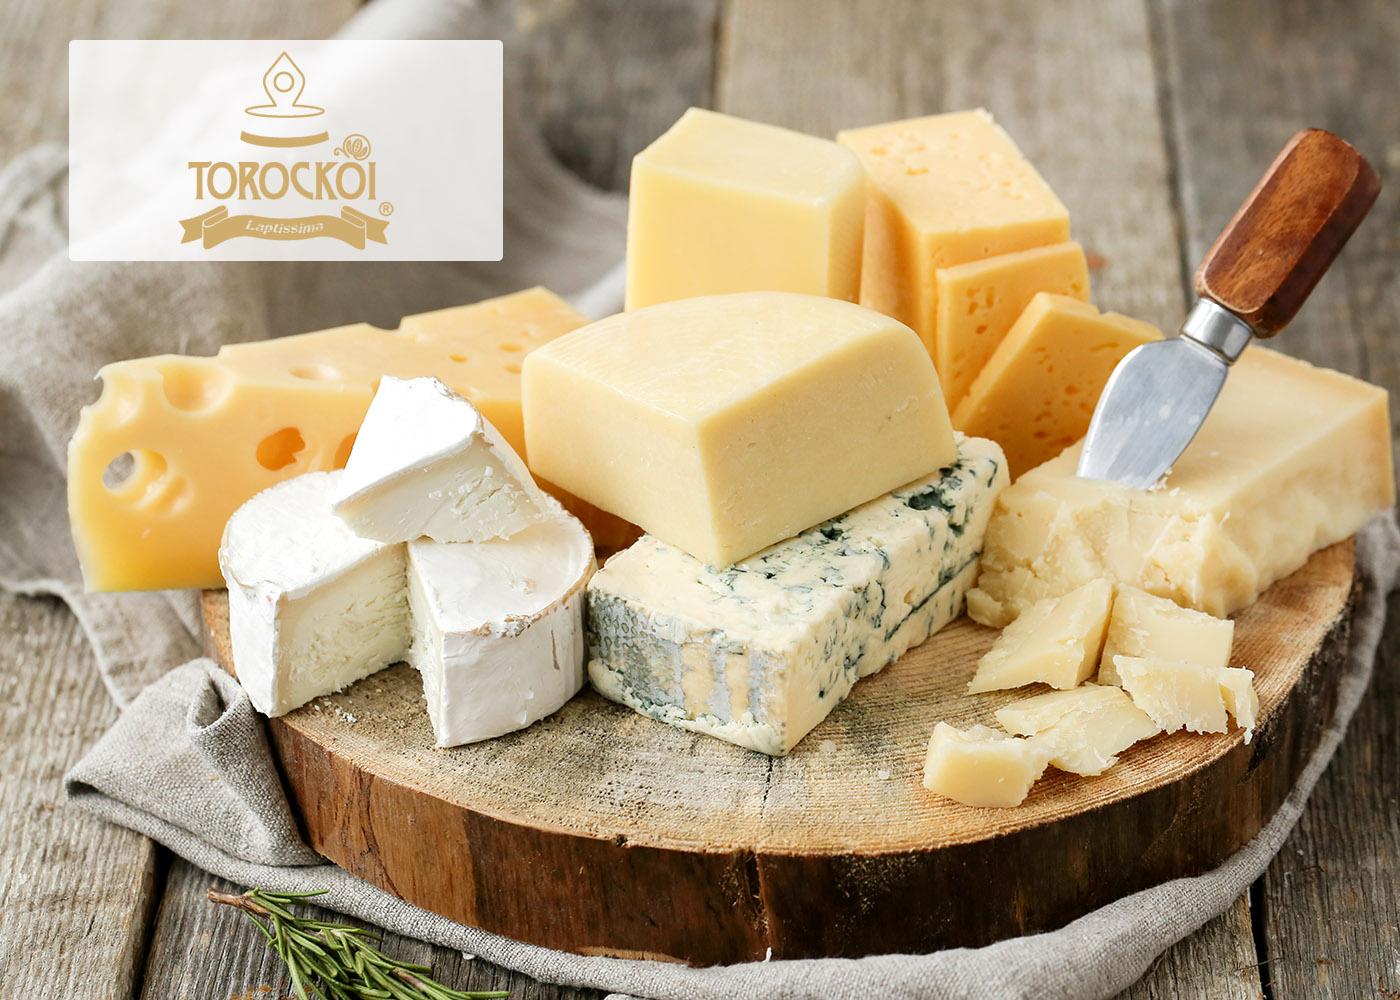 lactate torockoi client erp wms sistem software pentru fmcg cluj distributie si productie bunuri de larg consum